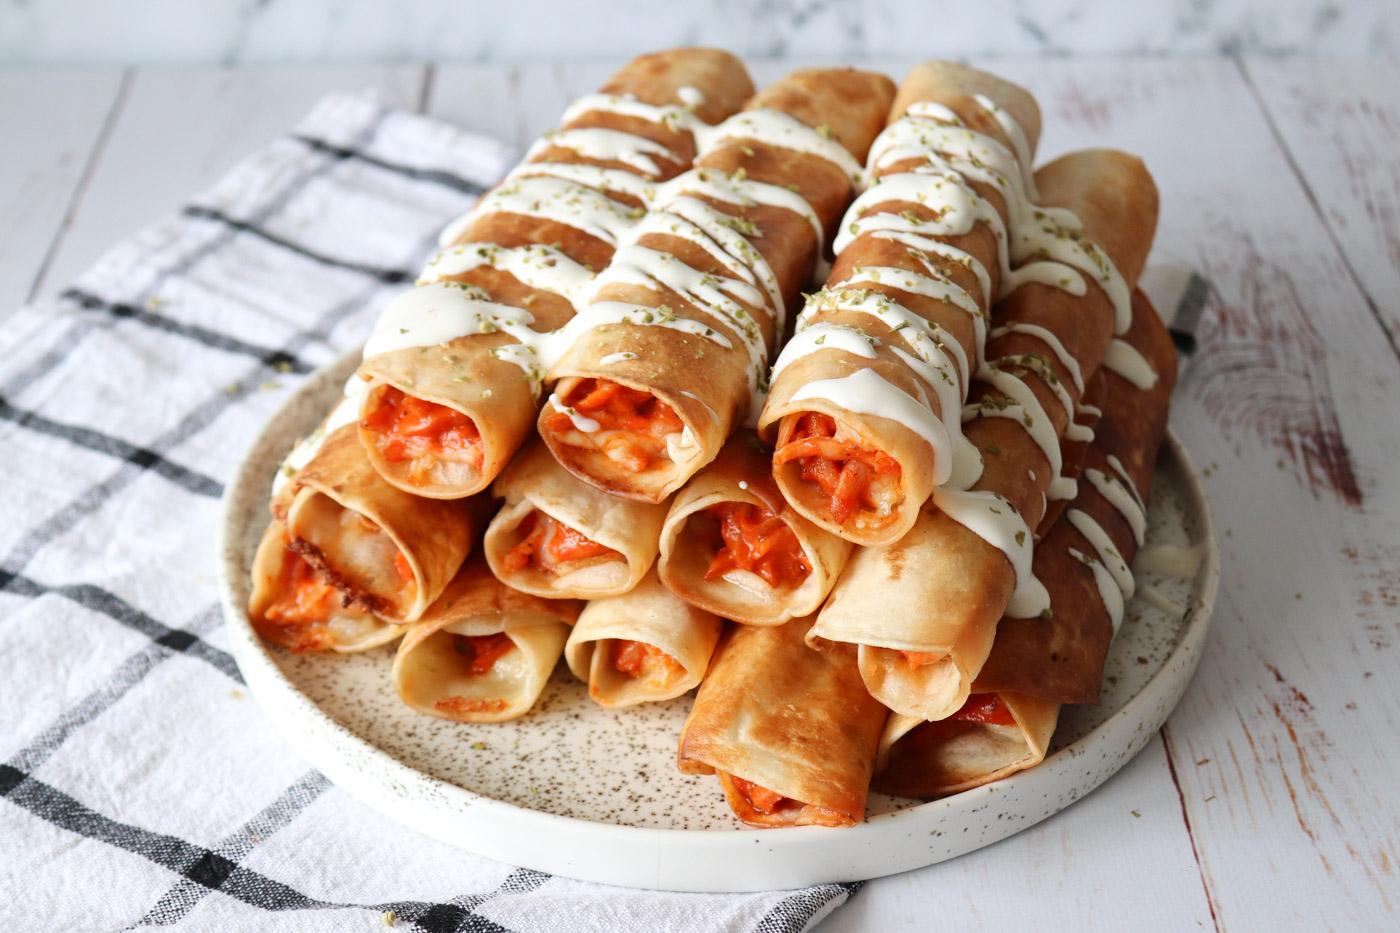 Pizza Taquitos